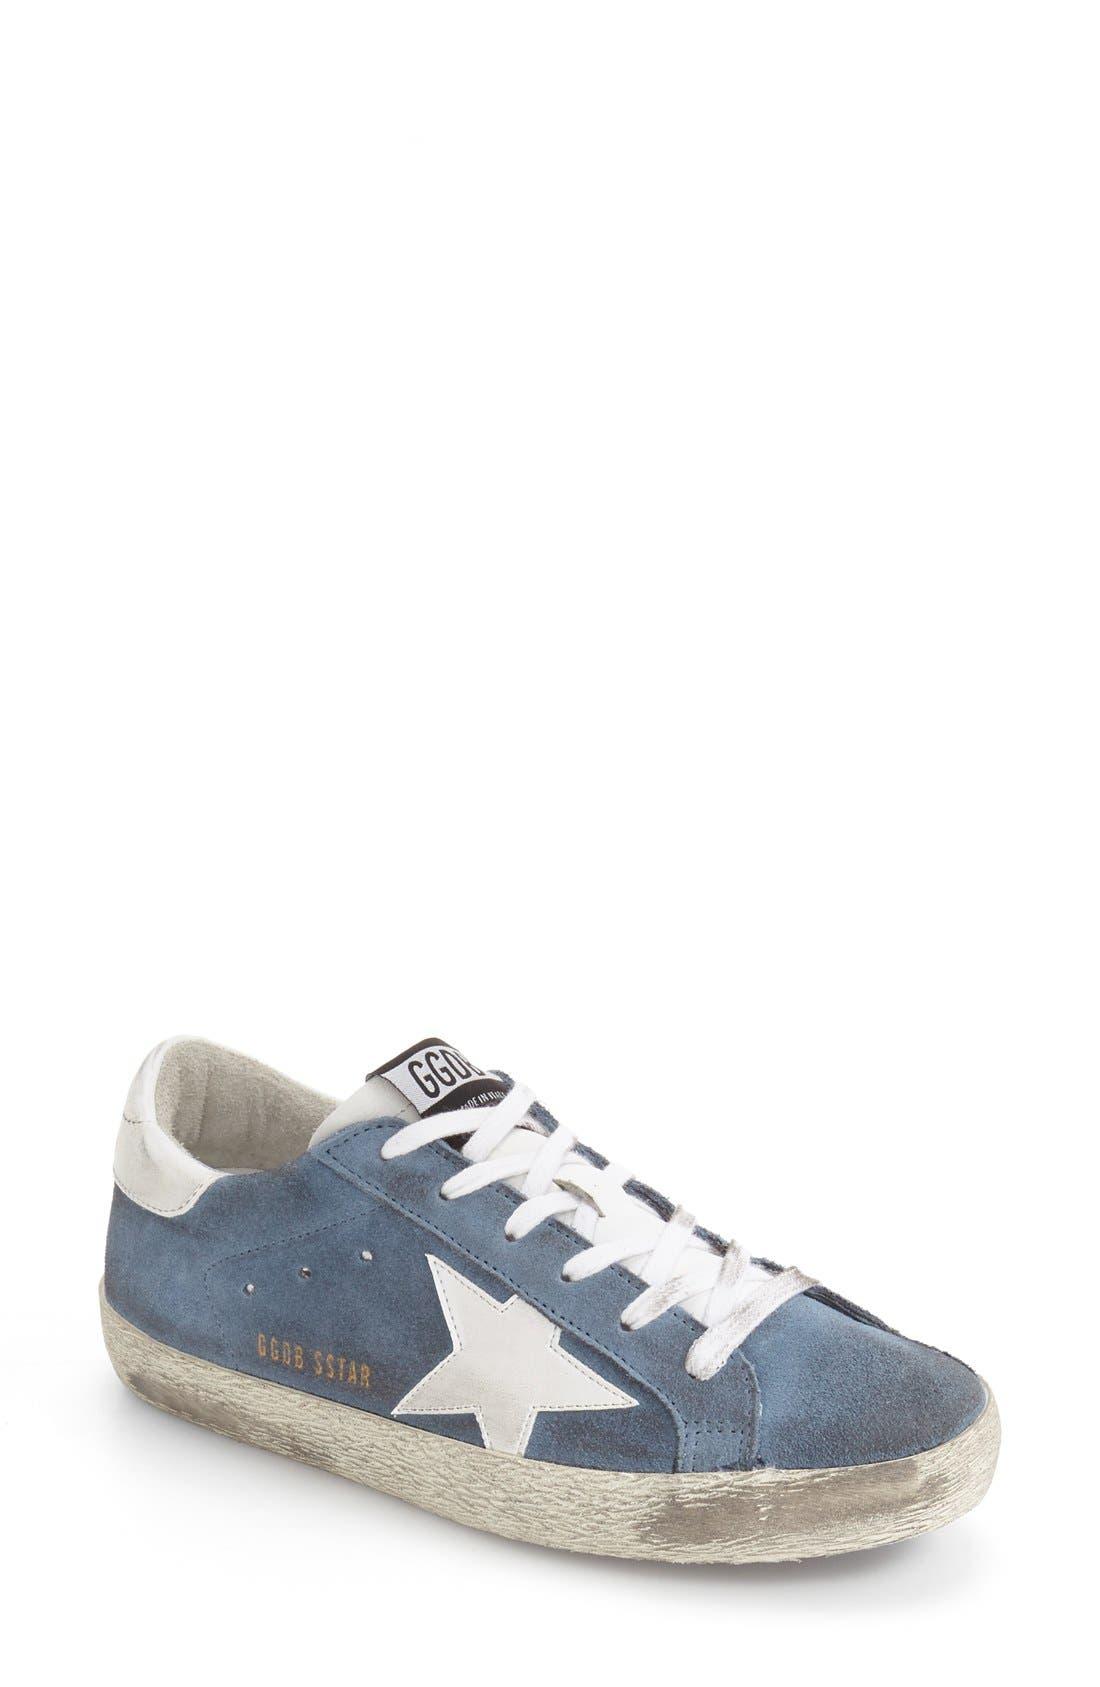 Main Image - Golden Goose 'Superstar' Low Top Sneaker (Women)